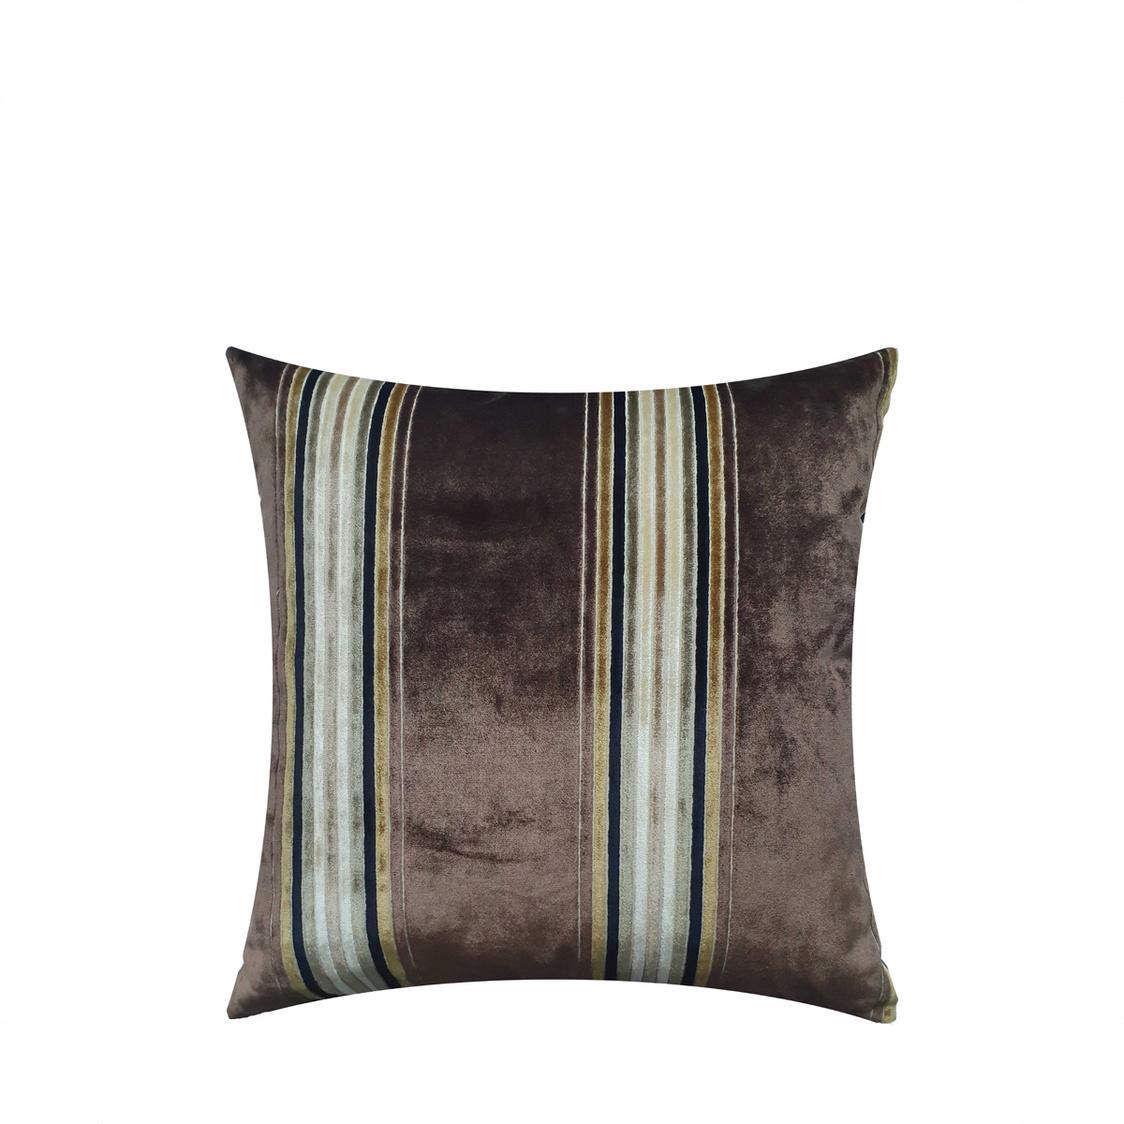 JRapee Desire Cushion Cover Brown 43x43cm